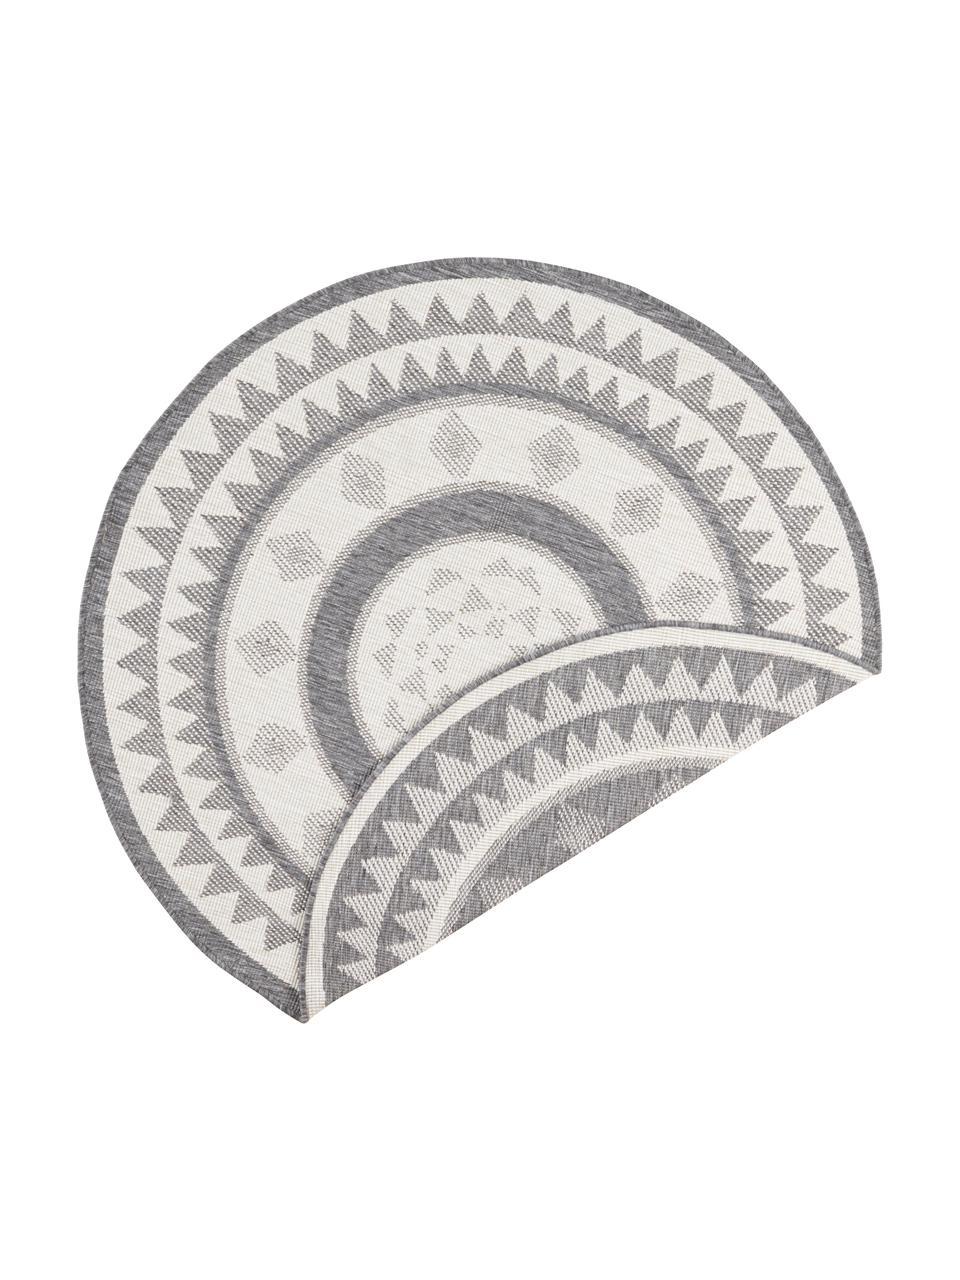 Runder In- & Outdoor-Wendeteppich Jamaica in Grau/Creme, 100% Polypropylen, Grau, Creme, Ø 200 cm (Größe L)